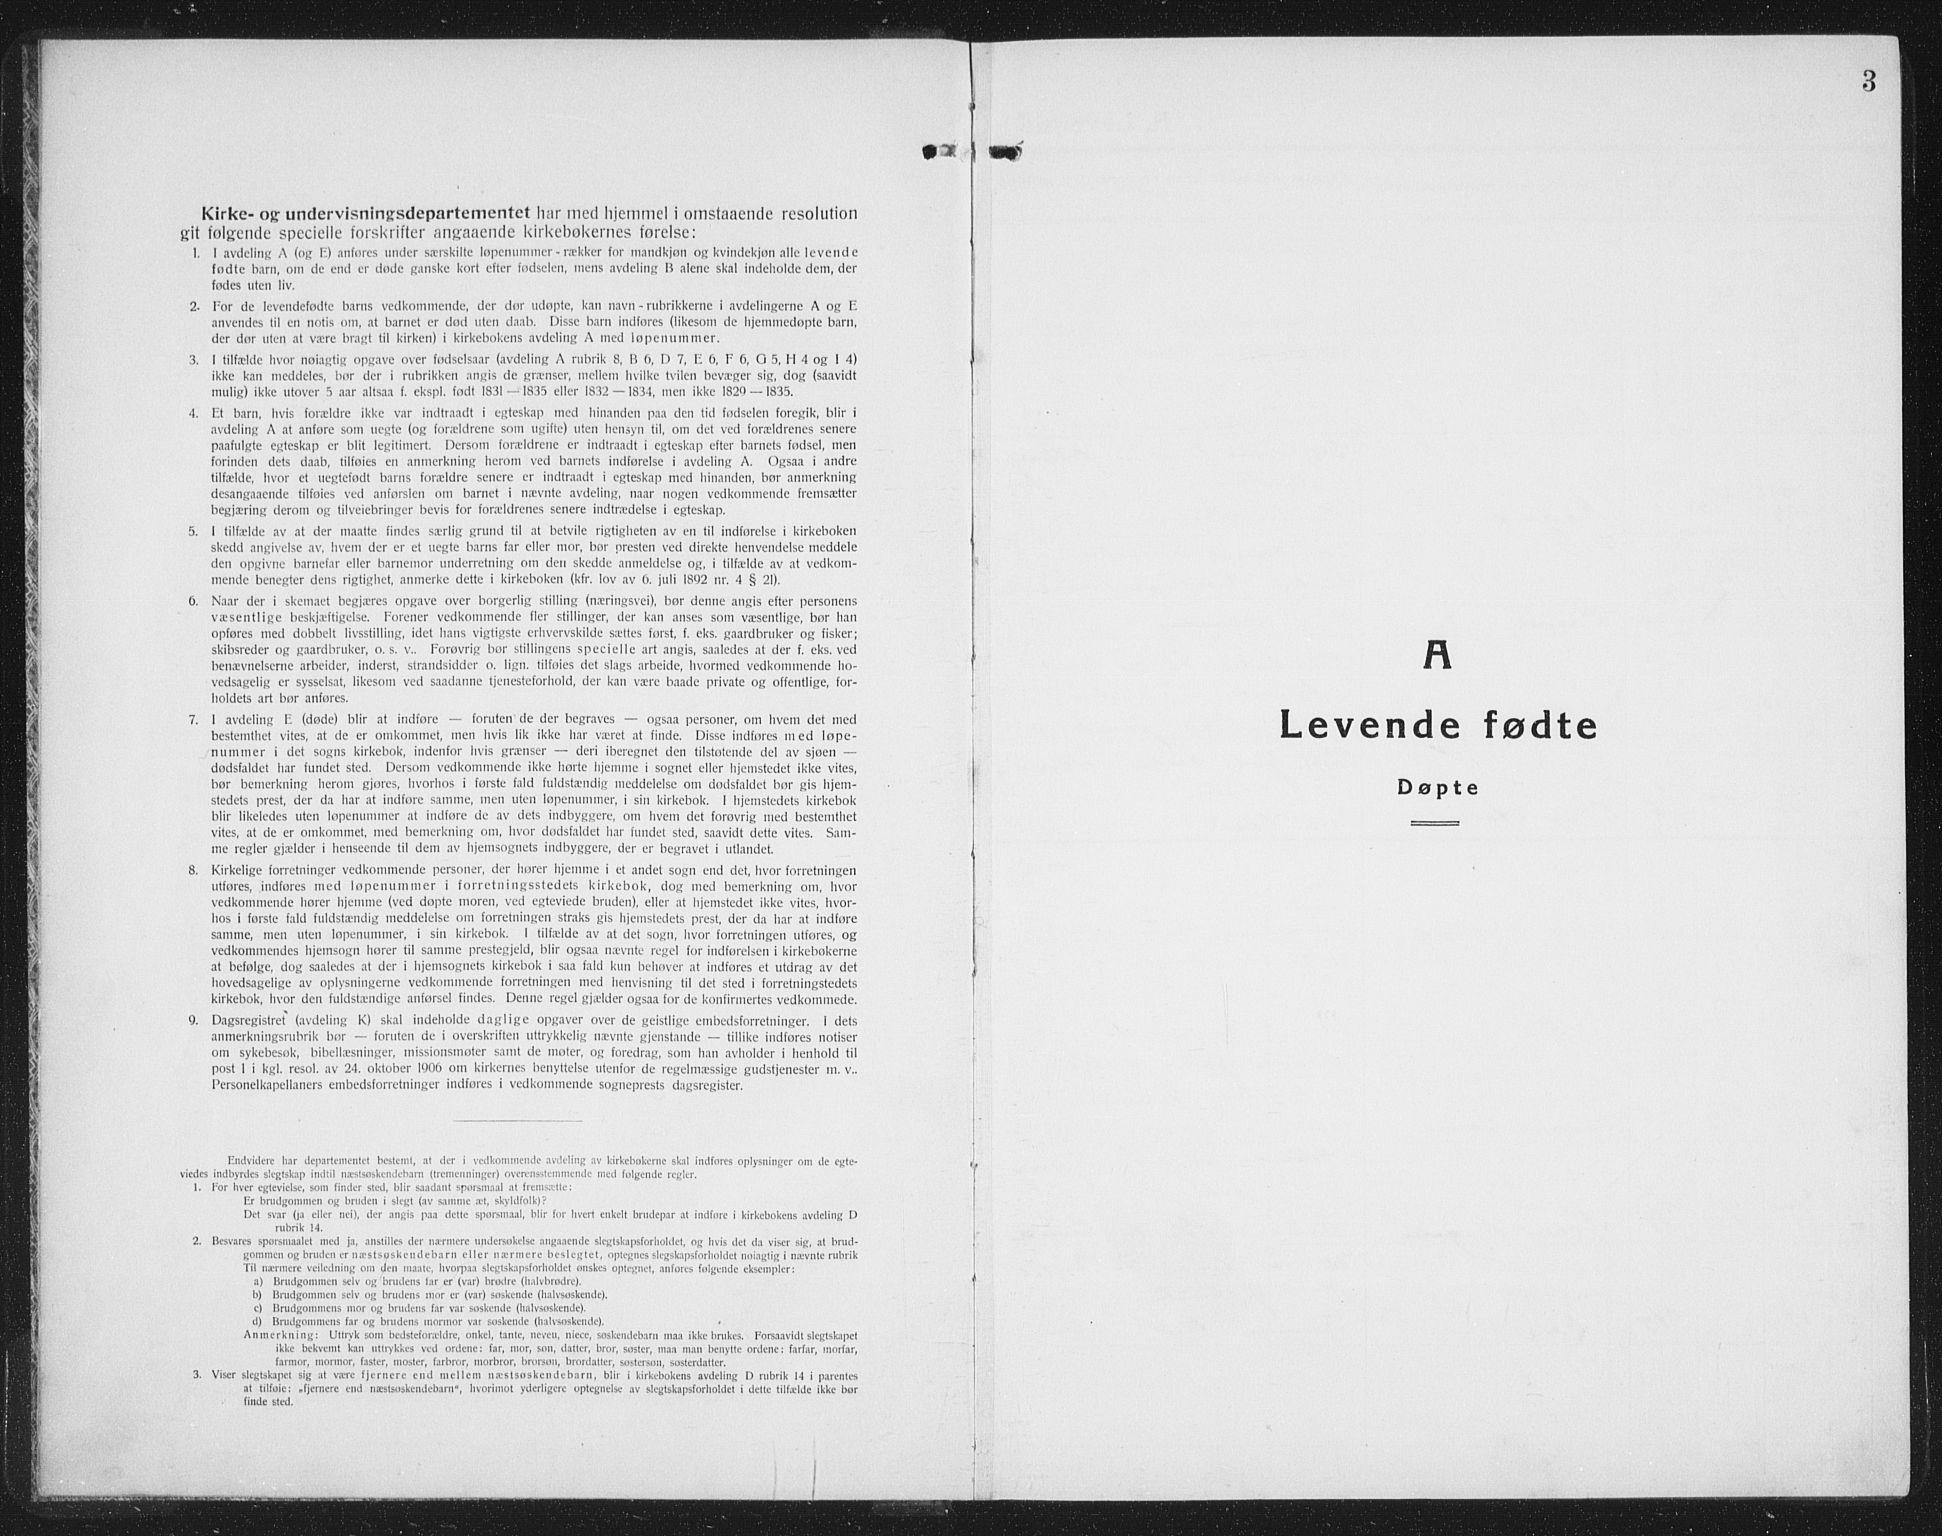 SAT, Ministerialprotokoller, klokkerbøker og fødselsregistre - Nord-Trøndelag, 757/L0507: Klokkerbok nr. 757C02, 1923-1939, s. 3